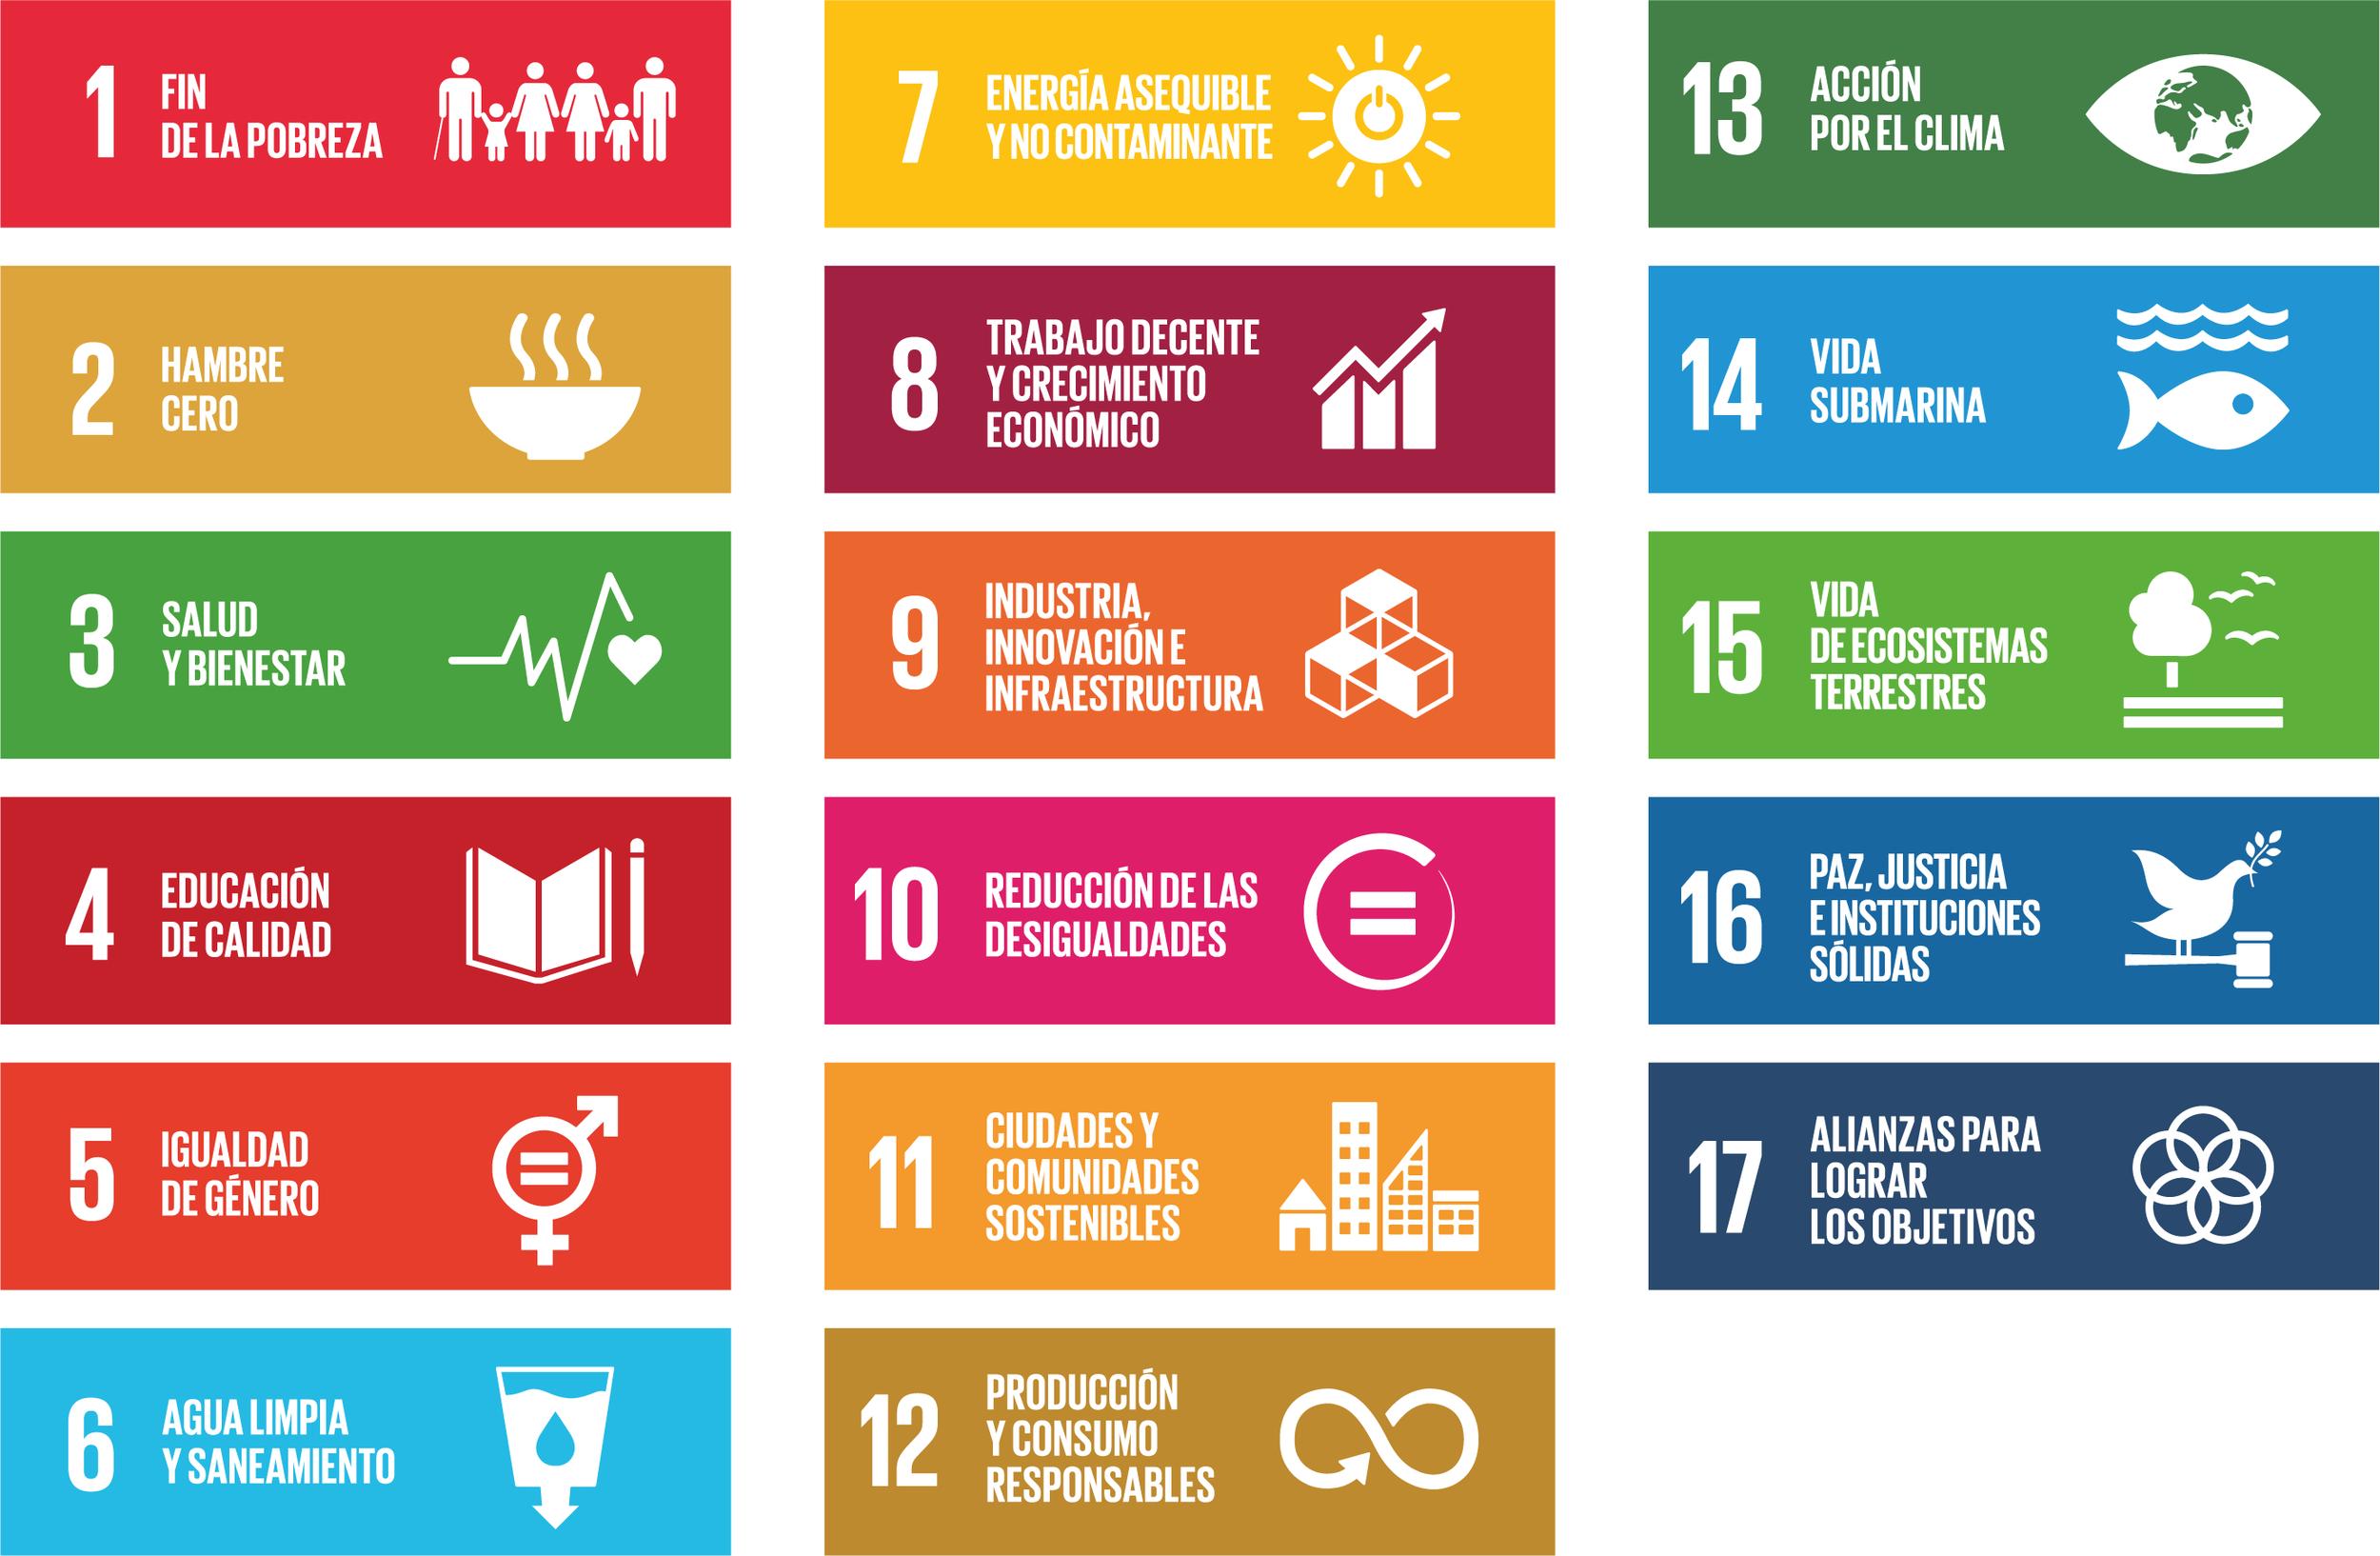 Figura 1:  Objetivos de Desarrollo Sostenible de la Agenda 2030